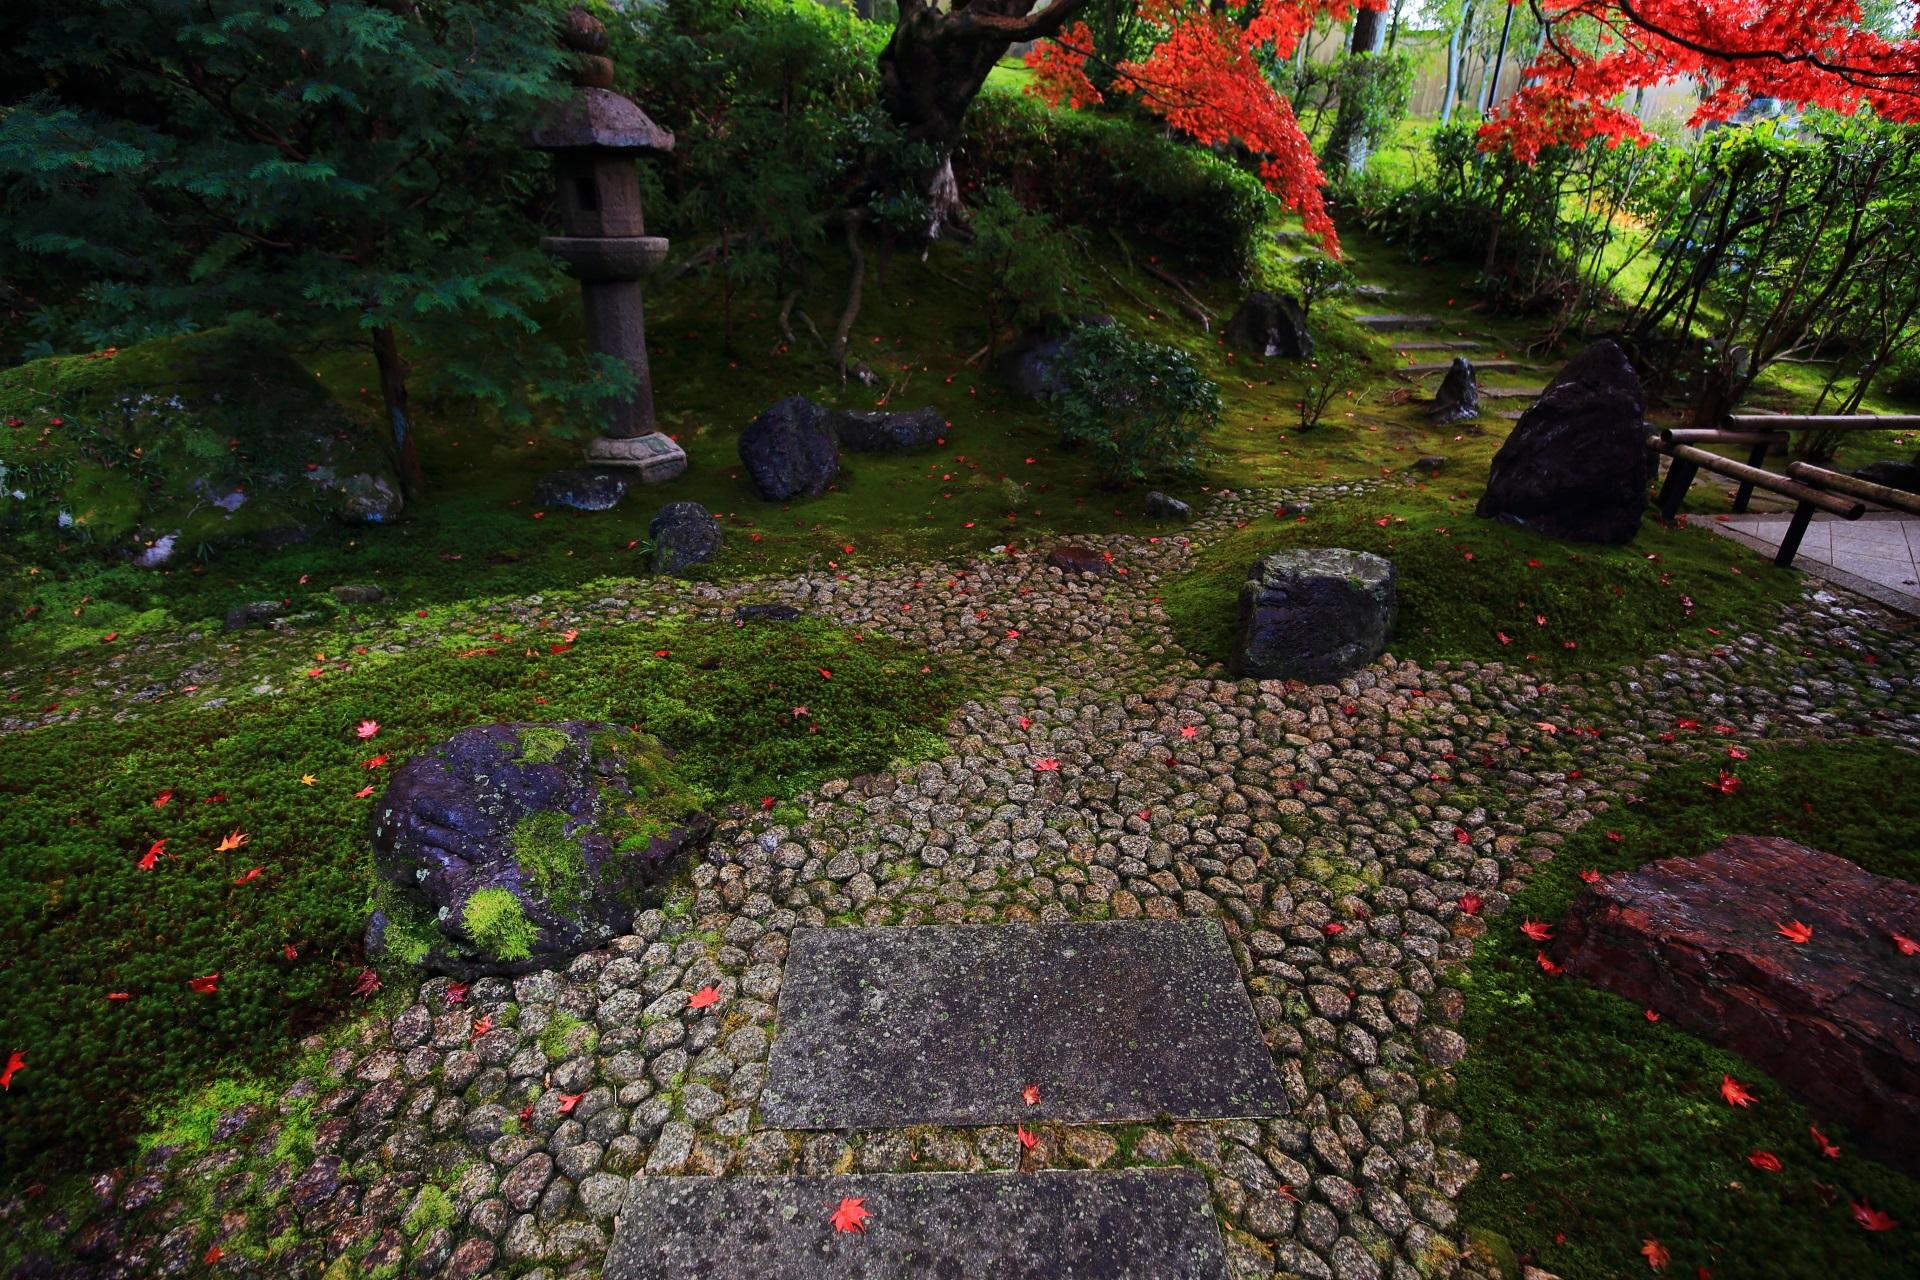 苔や石の地面に風情たっぷりに散る鮮やかな紅葉